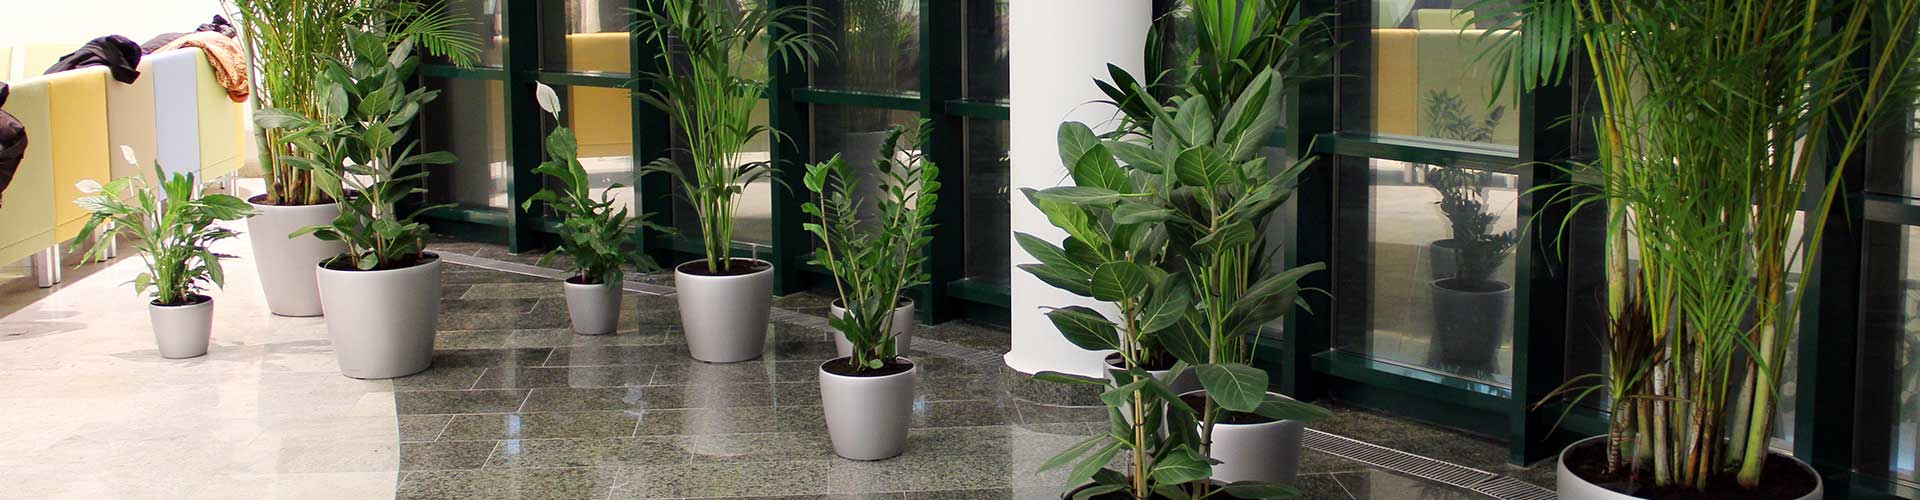 озеленение интерьеров здания Сбербанка РФ (проектирование и реализация)